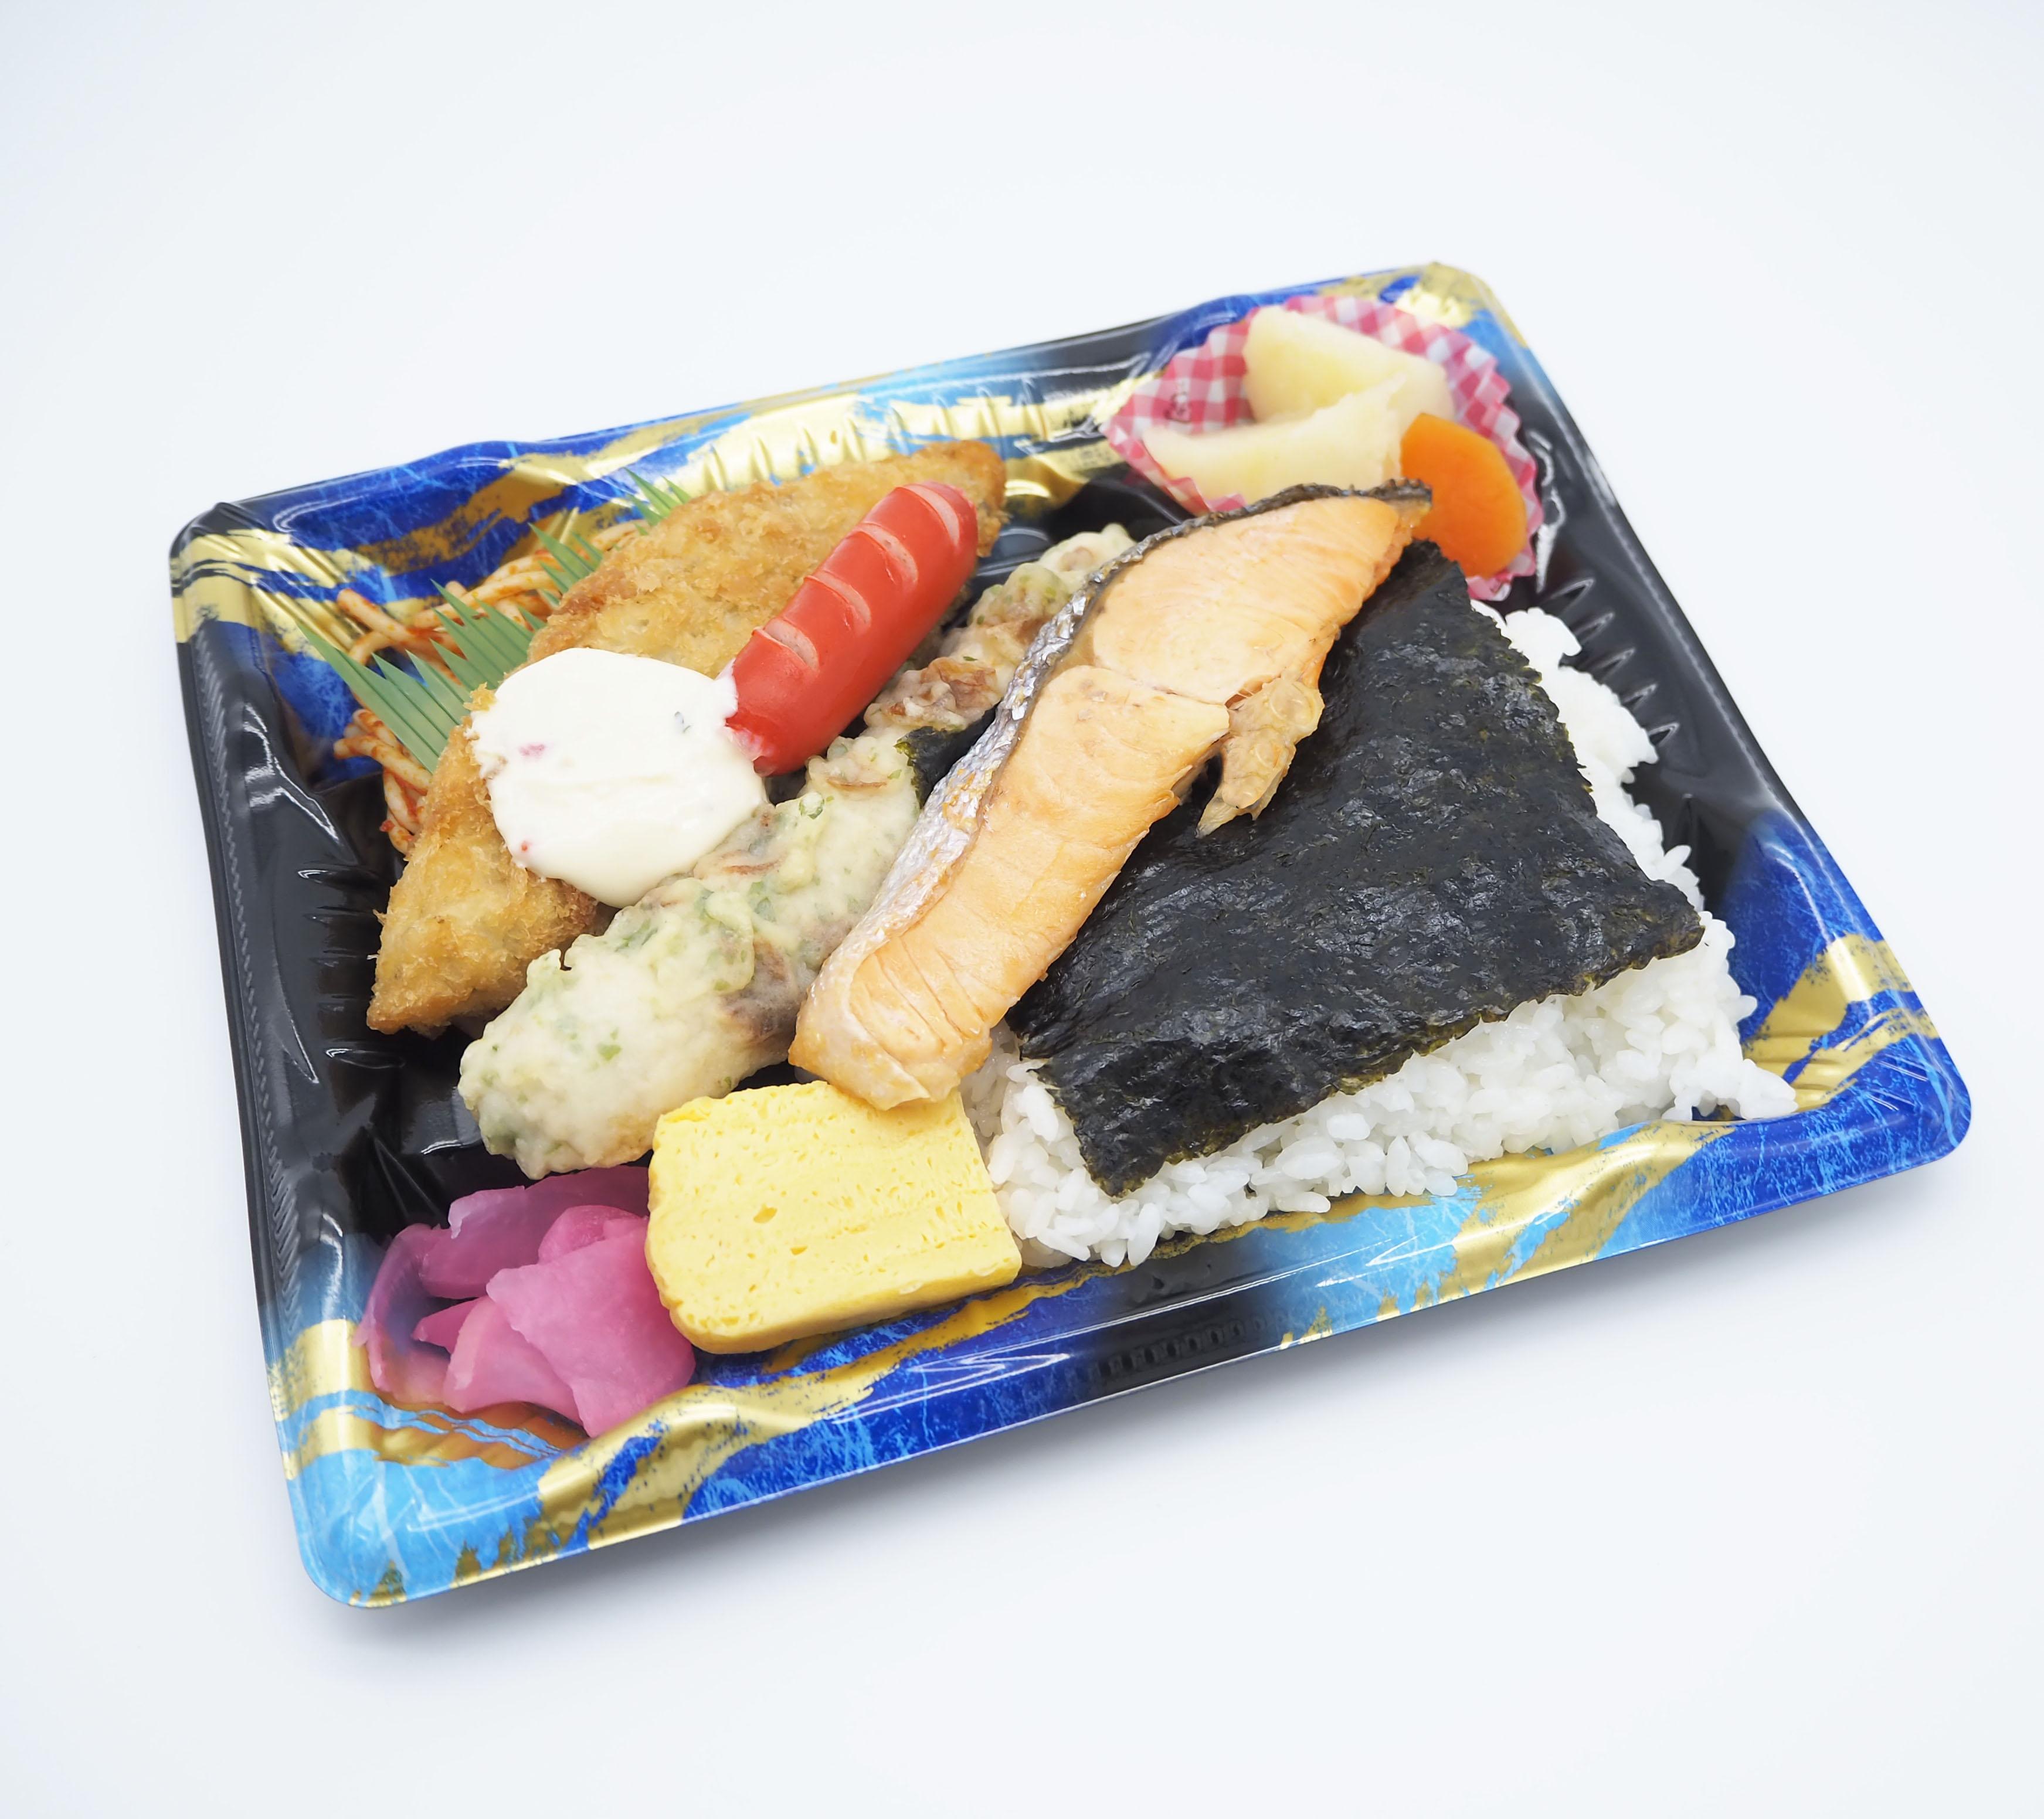 【前々日午前中まで注文受付】高浜市 ごはんの里エザカさんの『海苔さけ弁当』画像